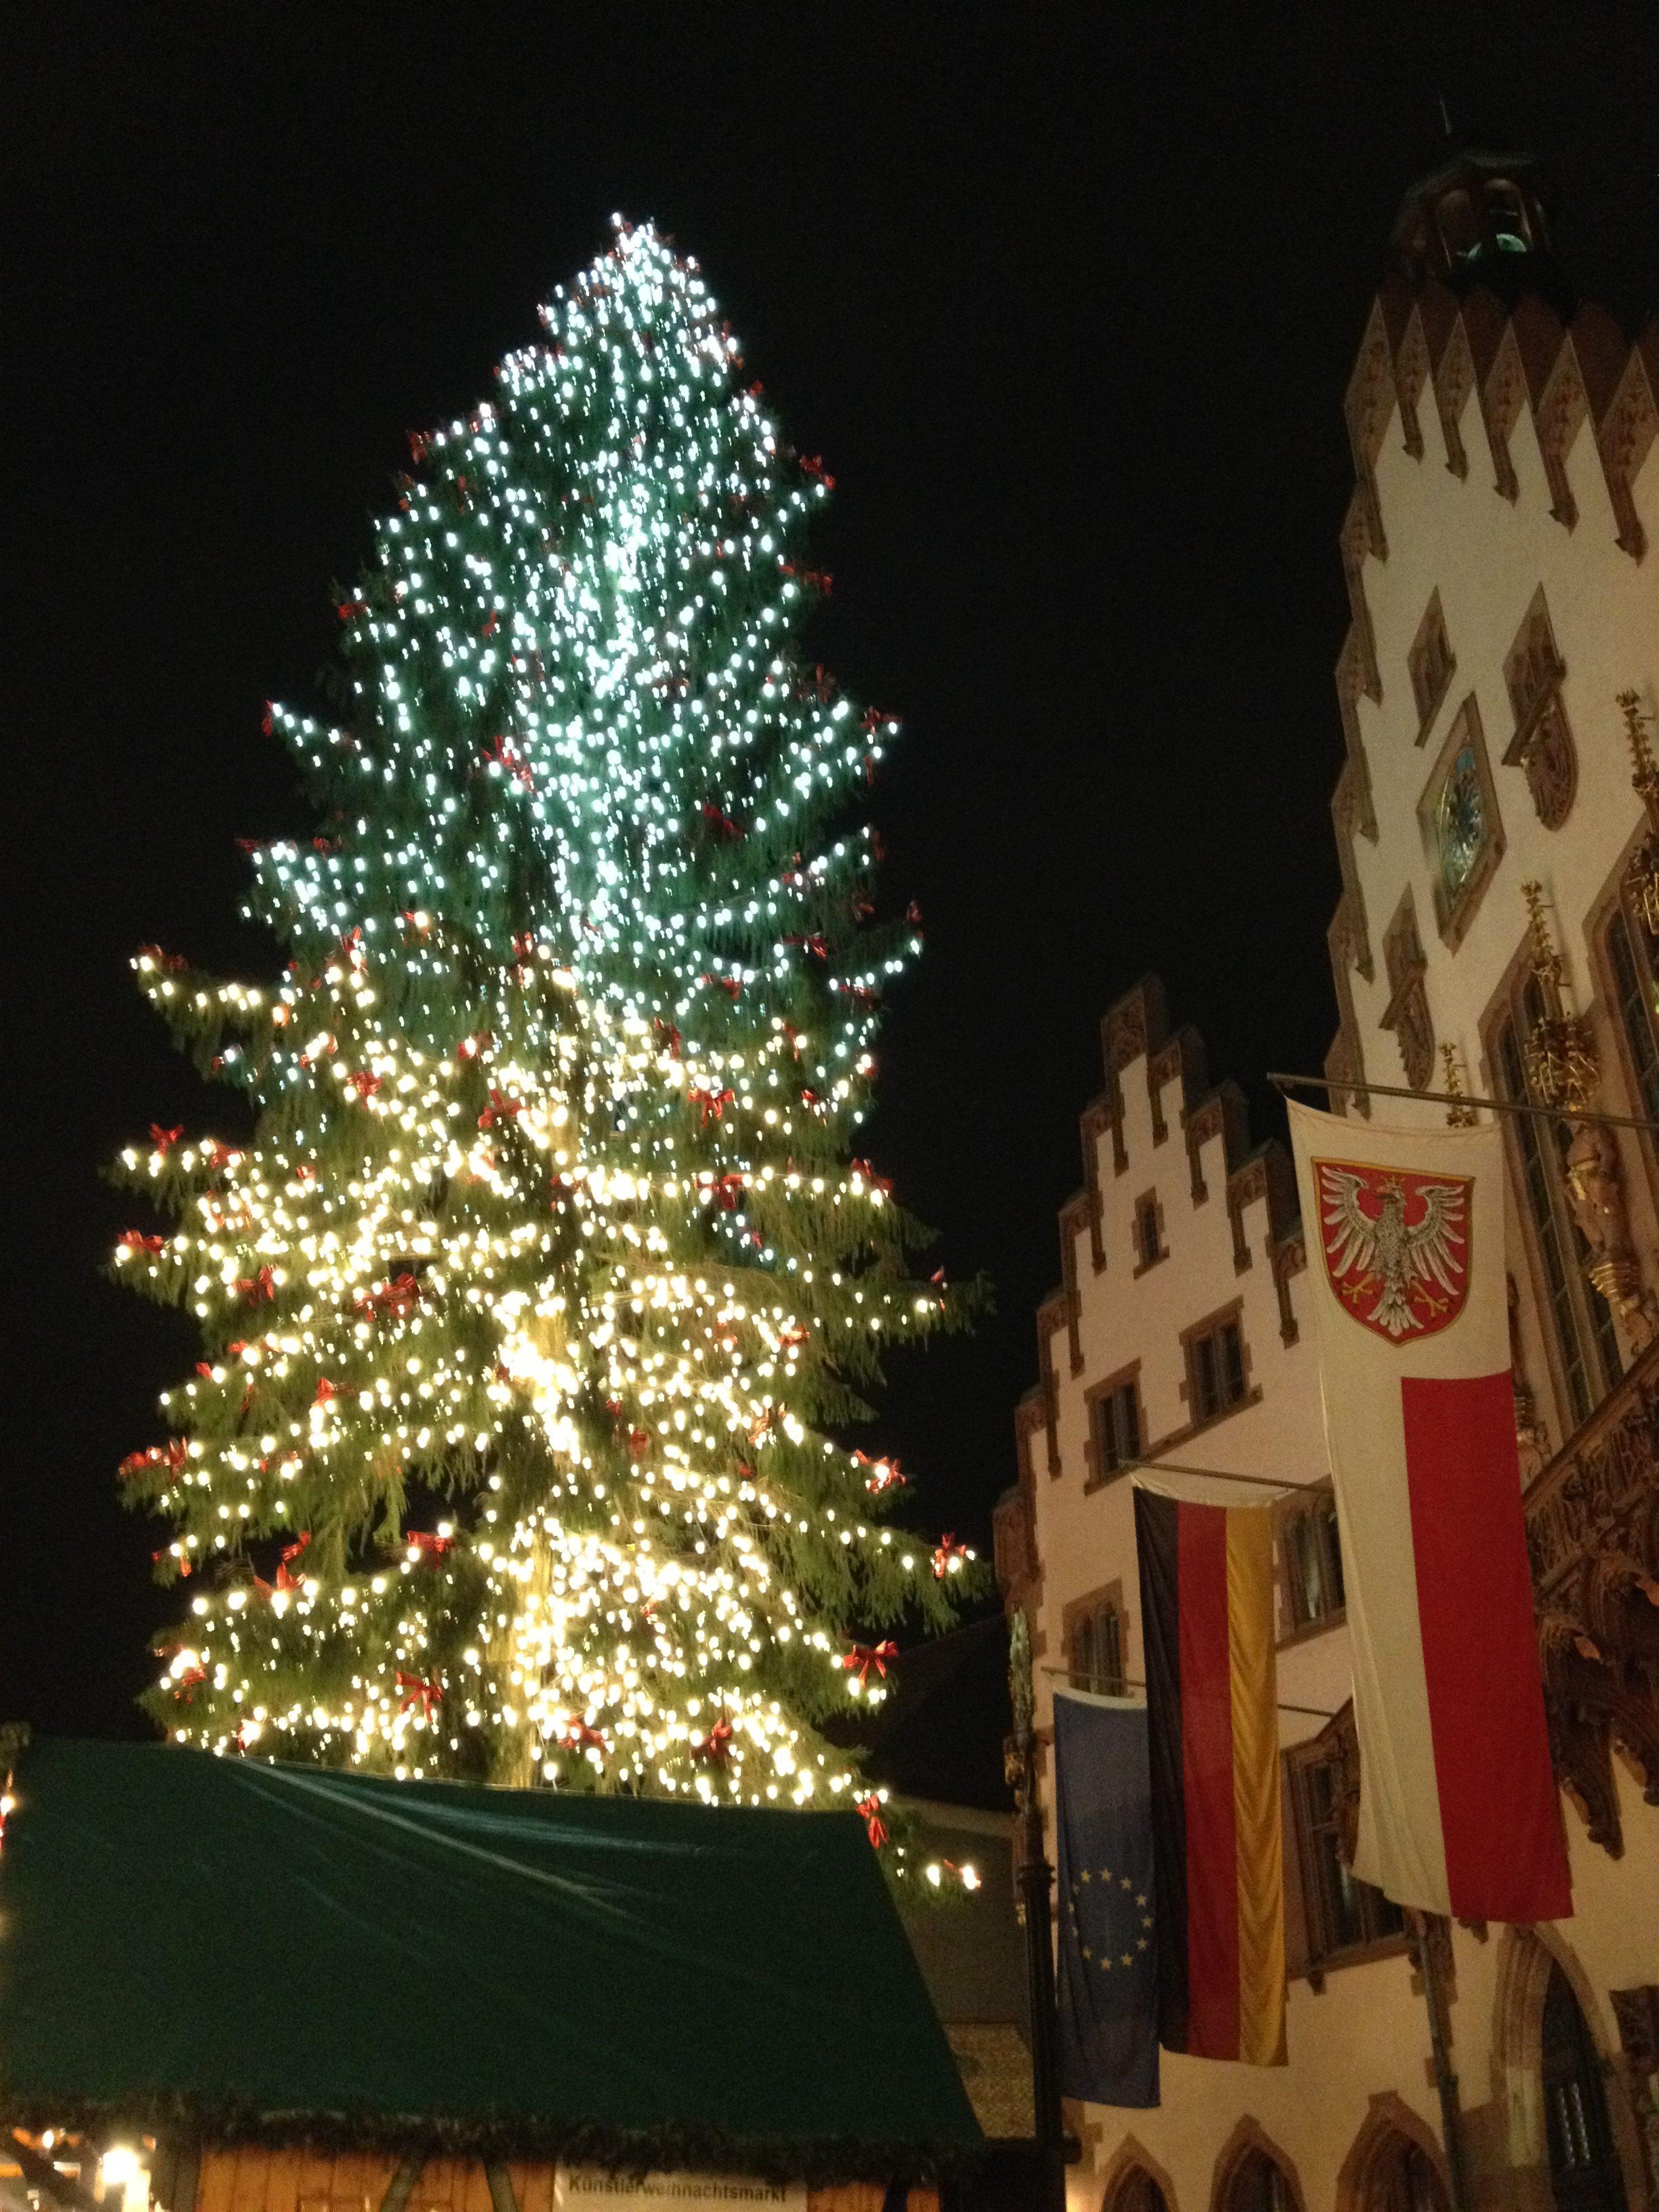 ドイツ人のクリスマスの過ごし方。恋人か家族かどちらと過ごす?